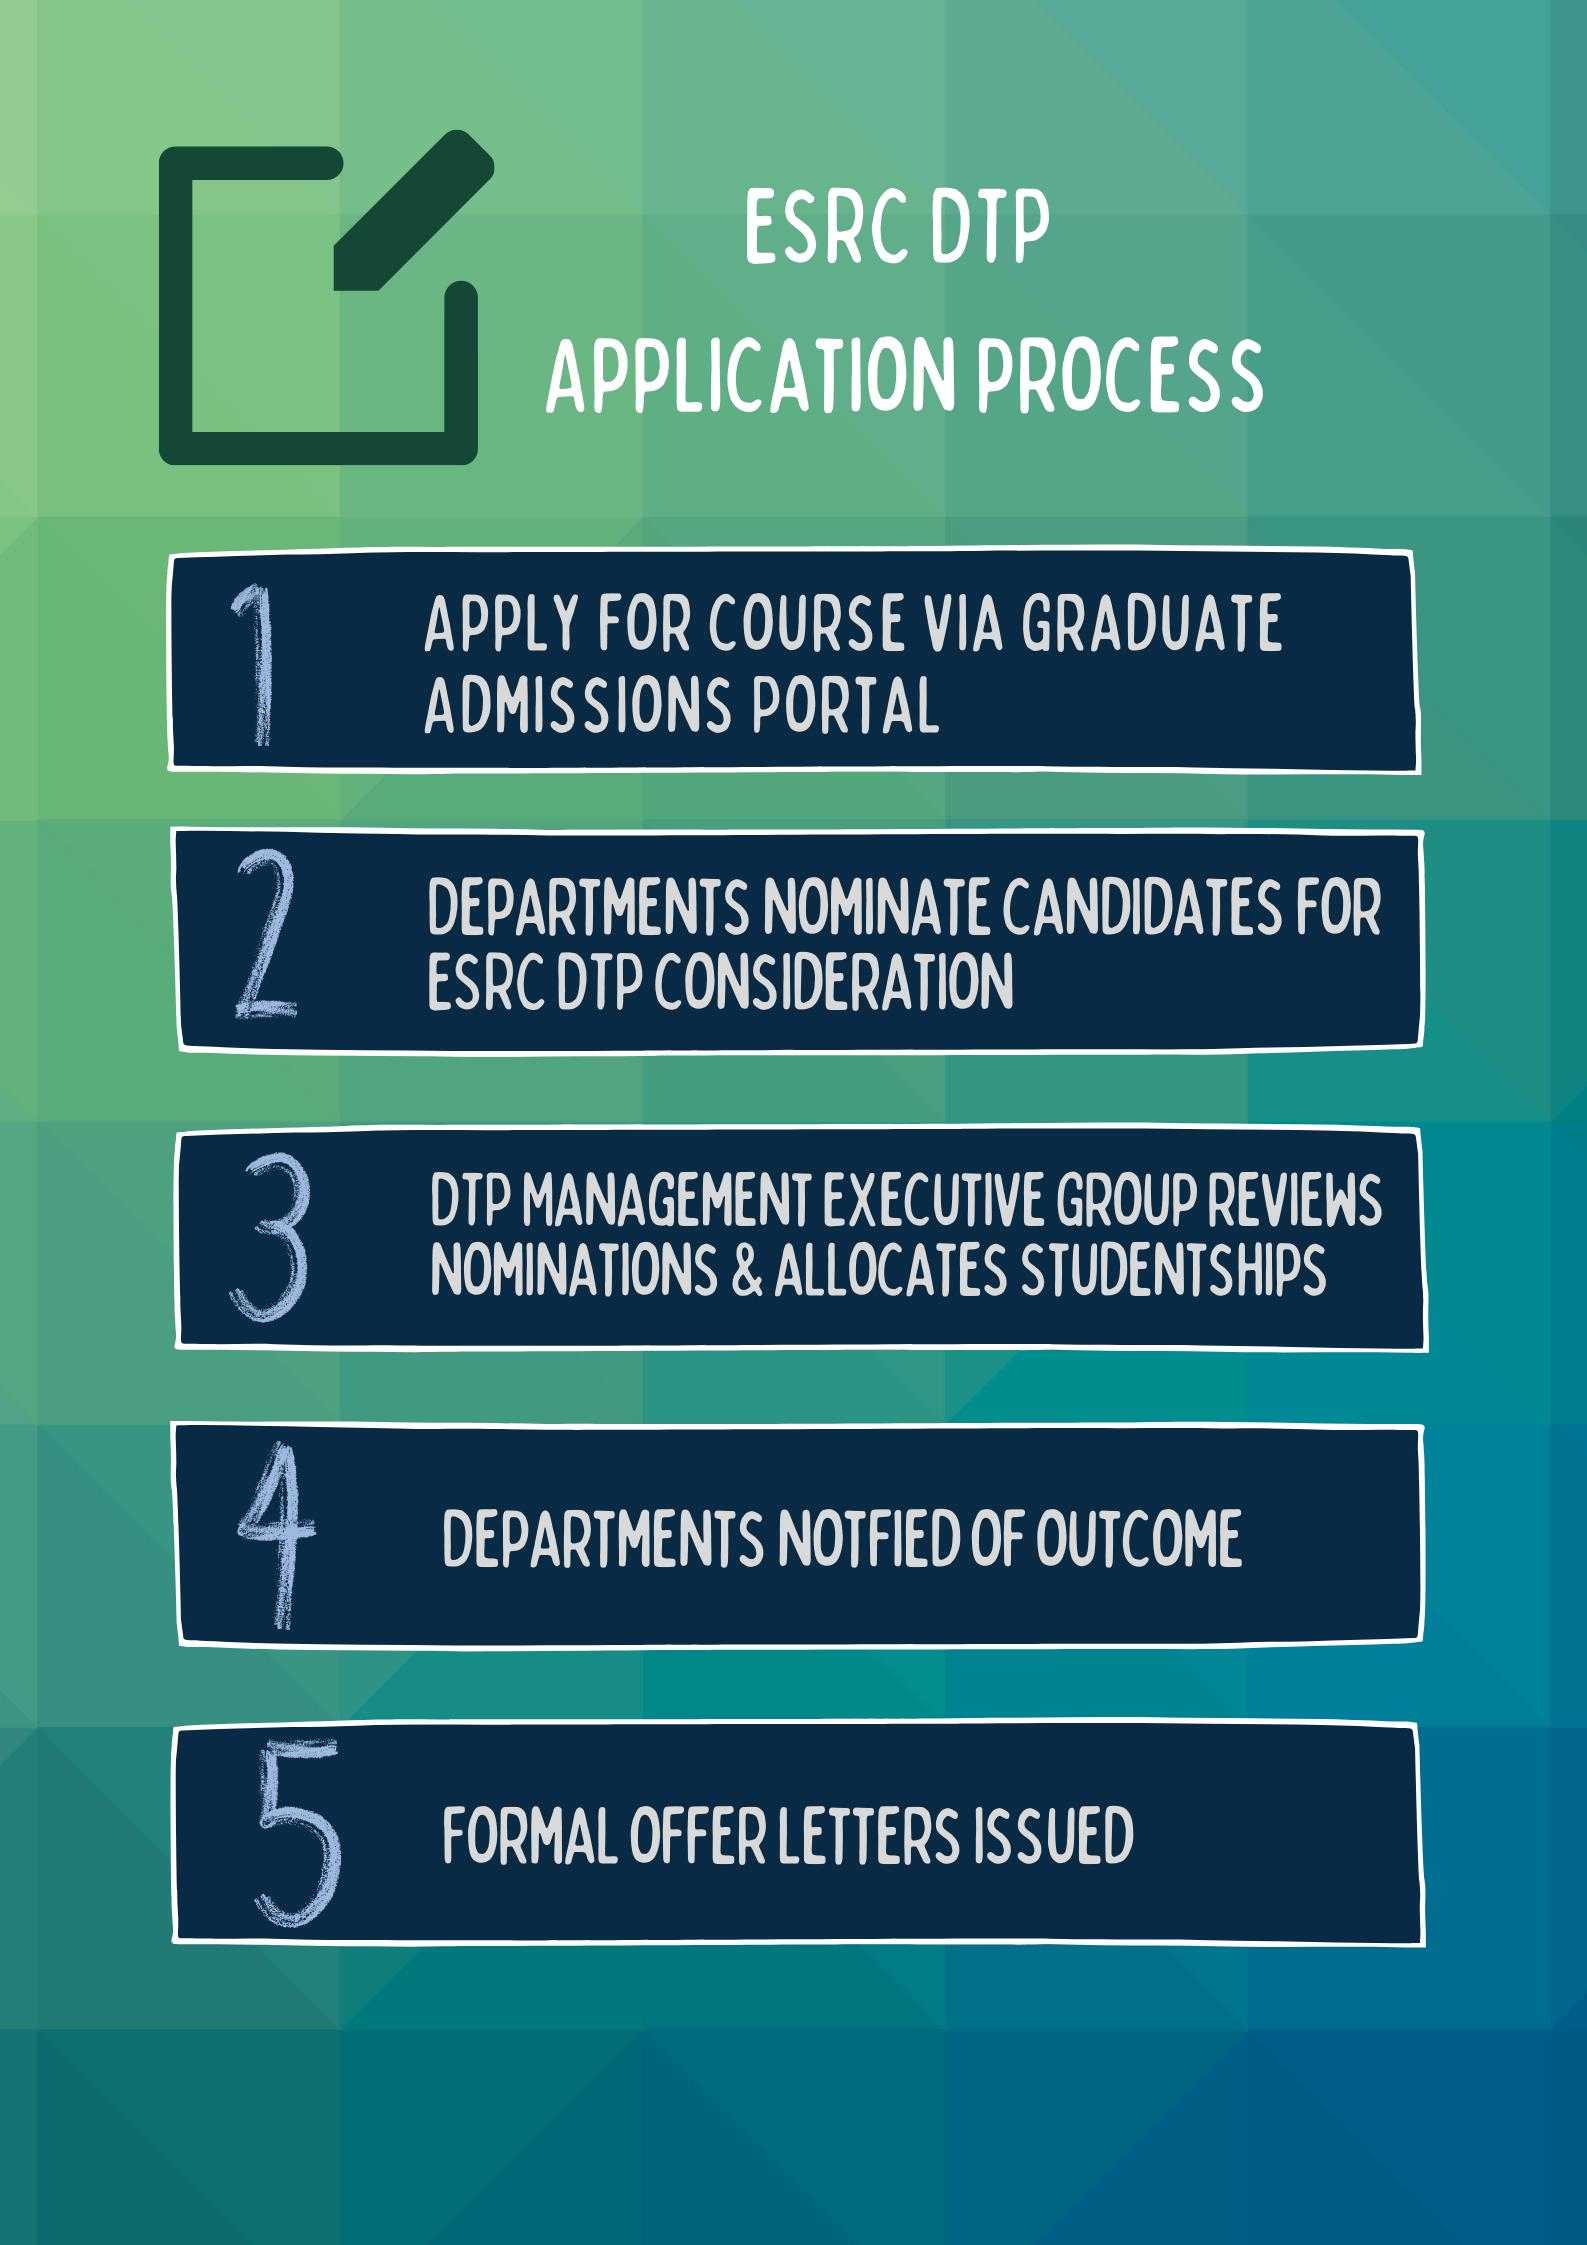 ESRC DTP Application image